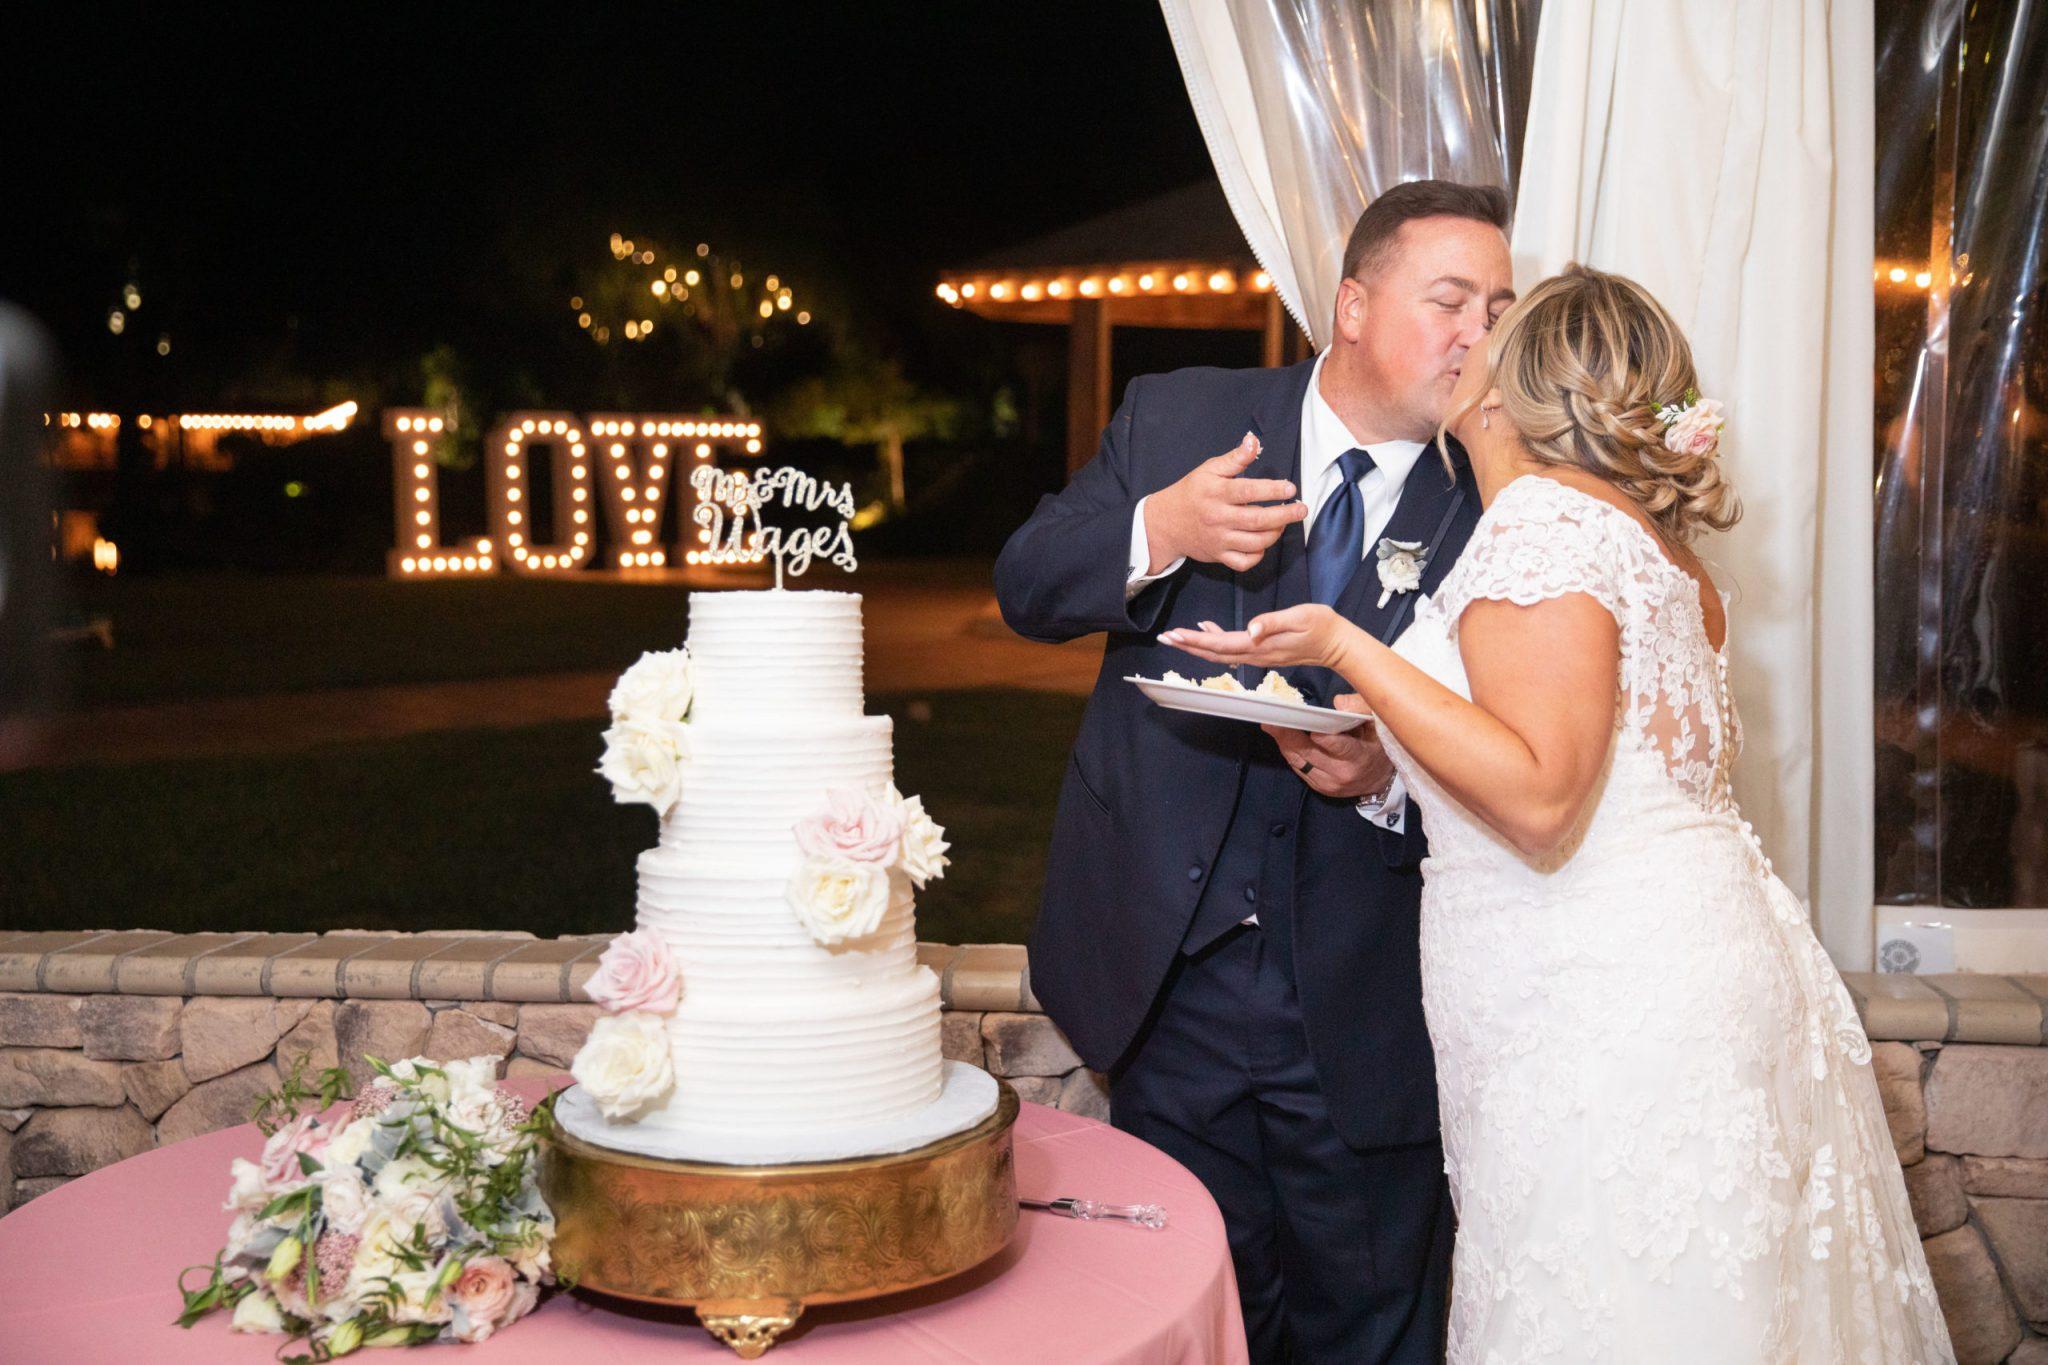 Matt Chrissy Wedding 5280 scaled